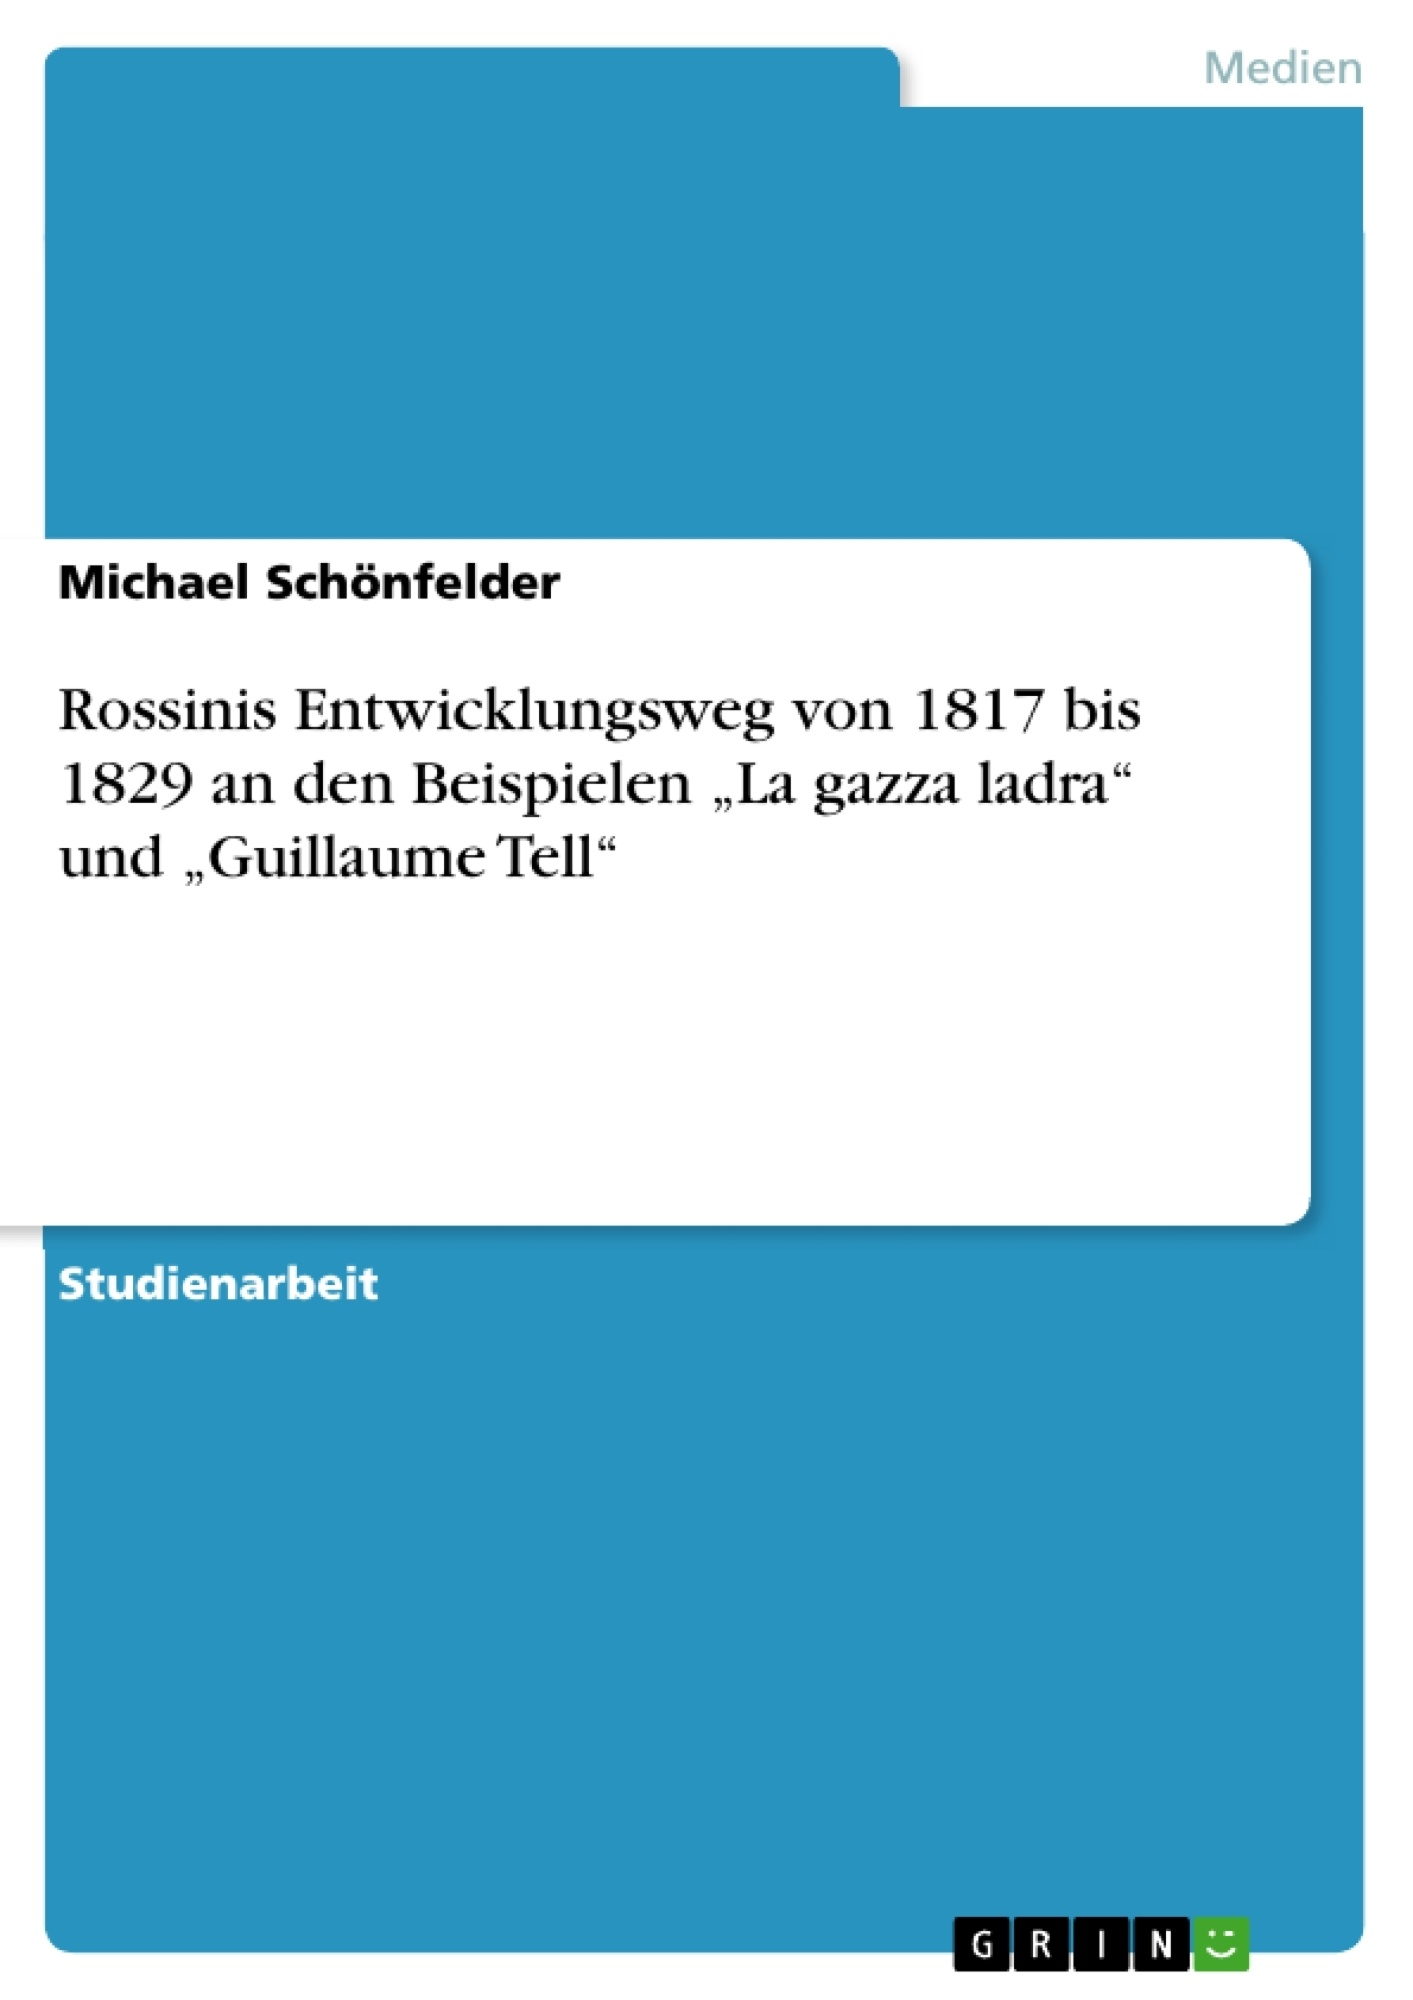 """Titel: Rossinis Entwicklungsweg von 1817 bis 1829 an den Beispielen """"La gazza ladra"""" und """"Guillaume Tell"""""""